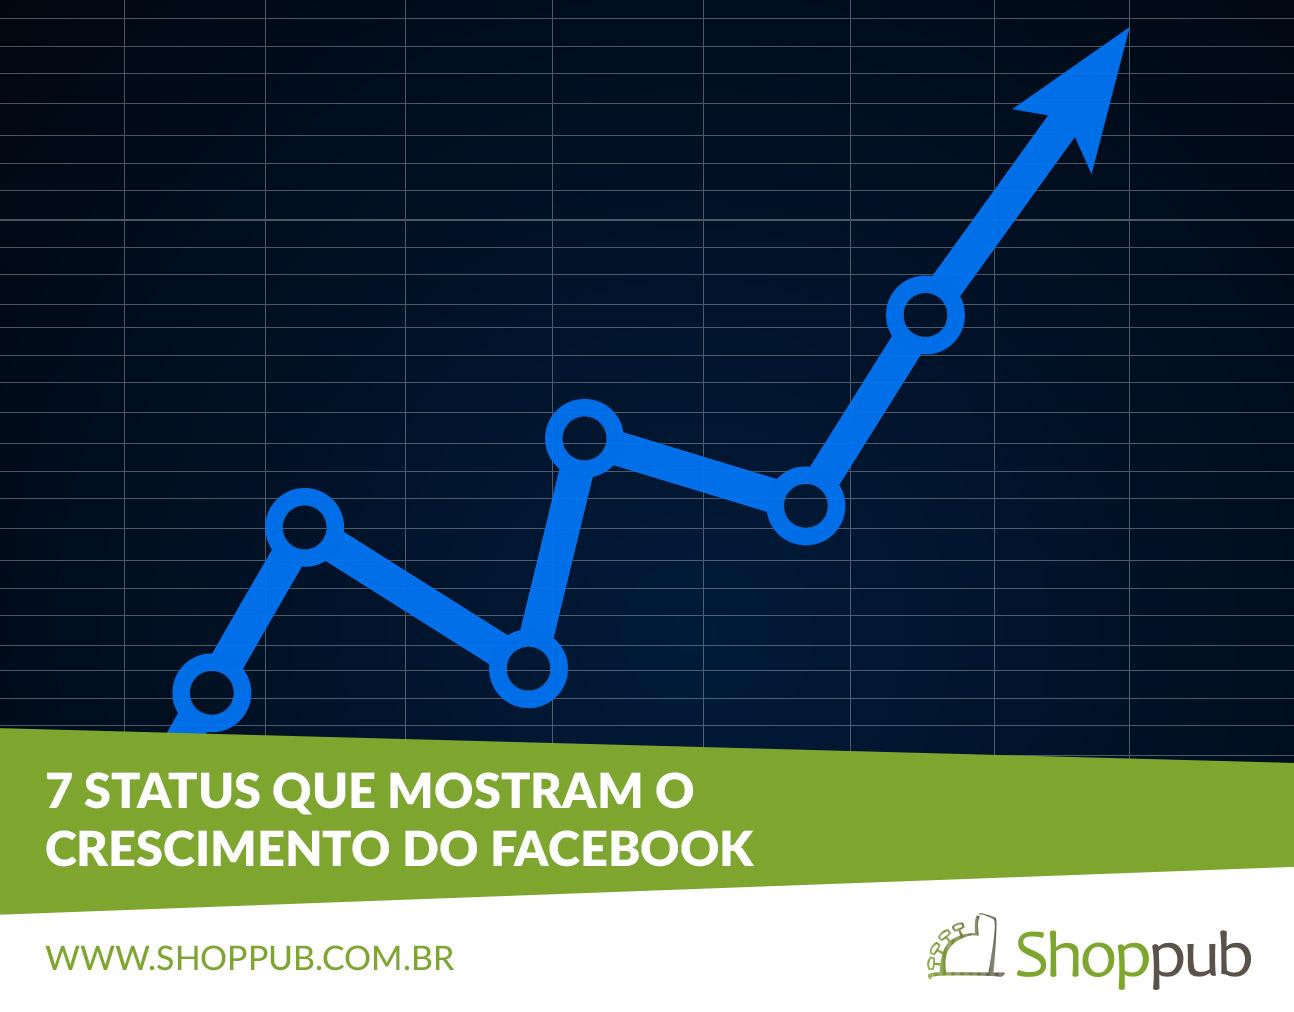 7 status que mostram o crescimento do Facebook